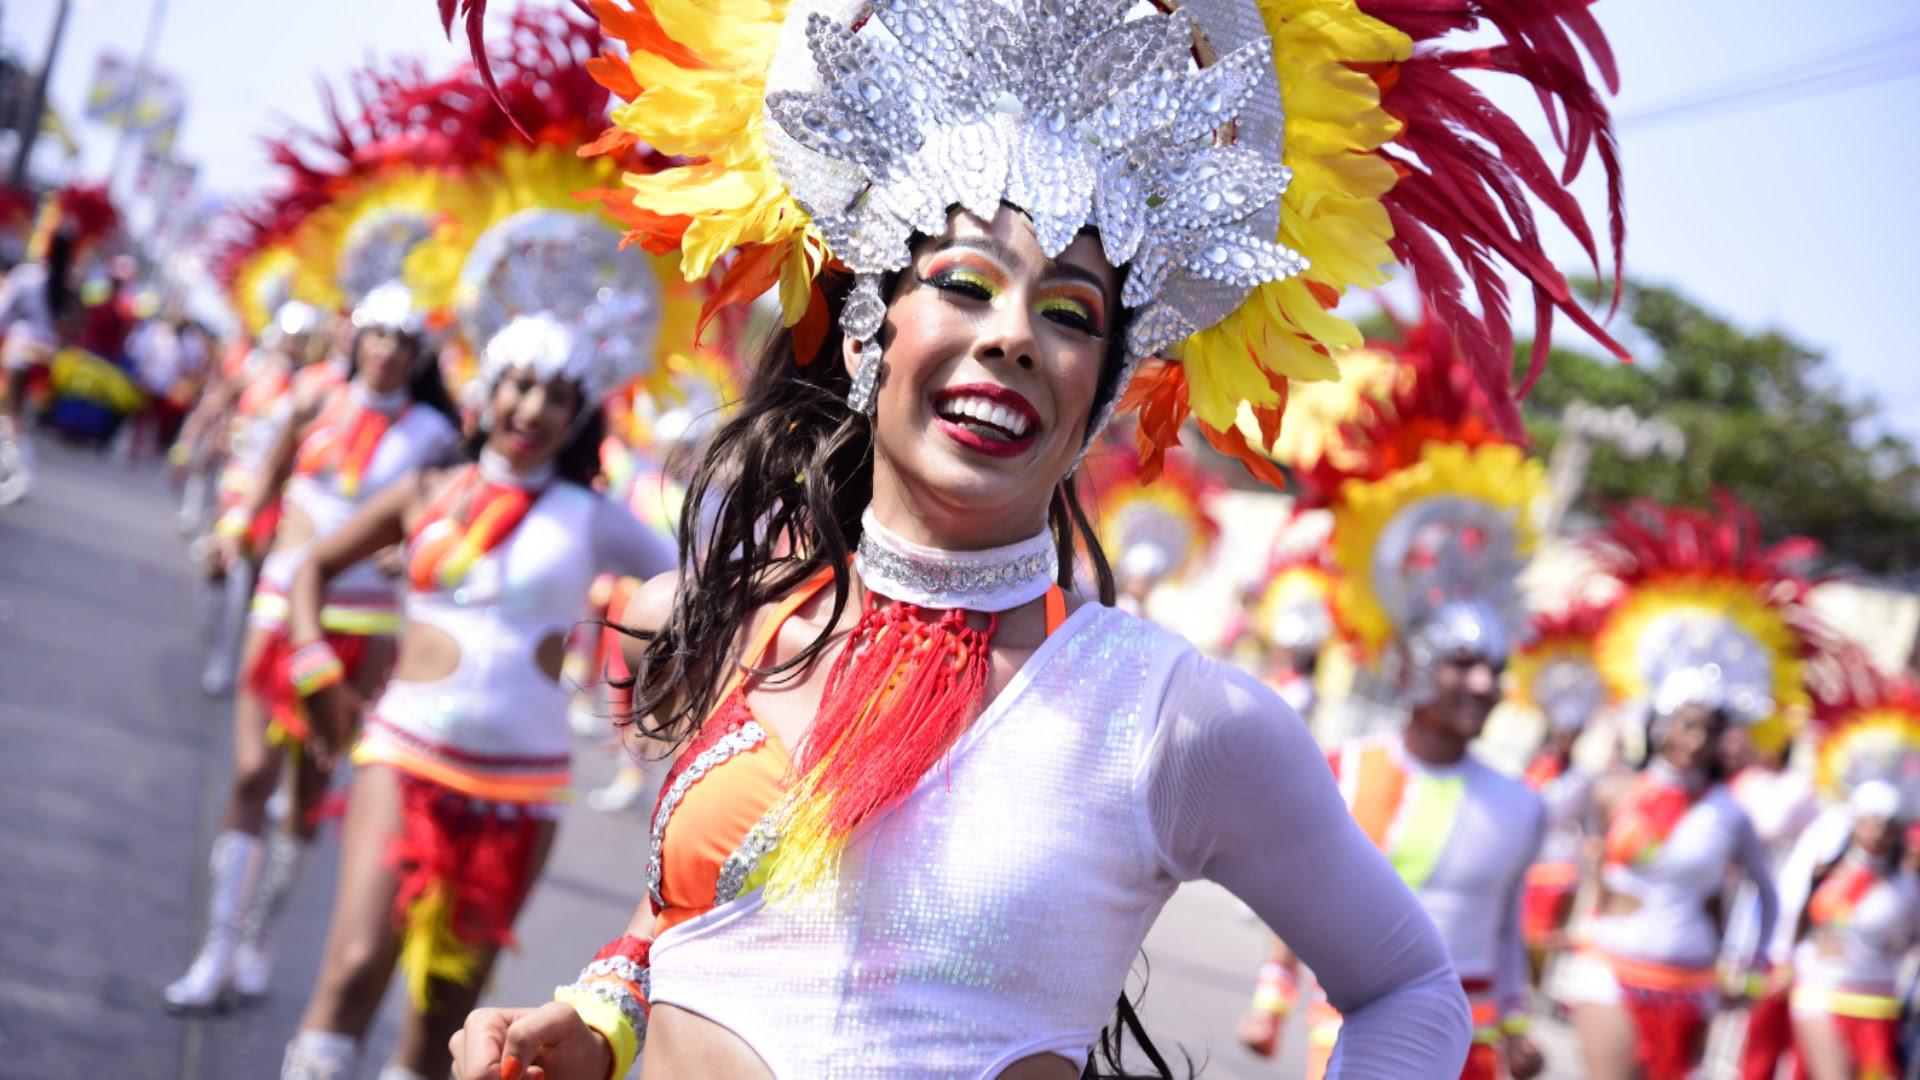 Fantasia de Pequena Sereia para o Carnaval passo a passo